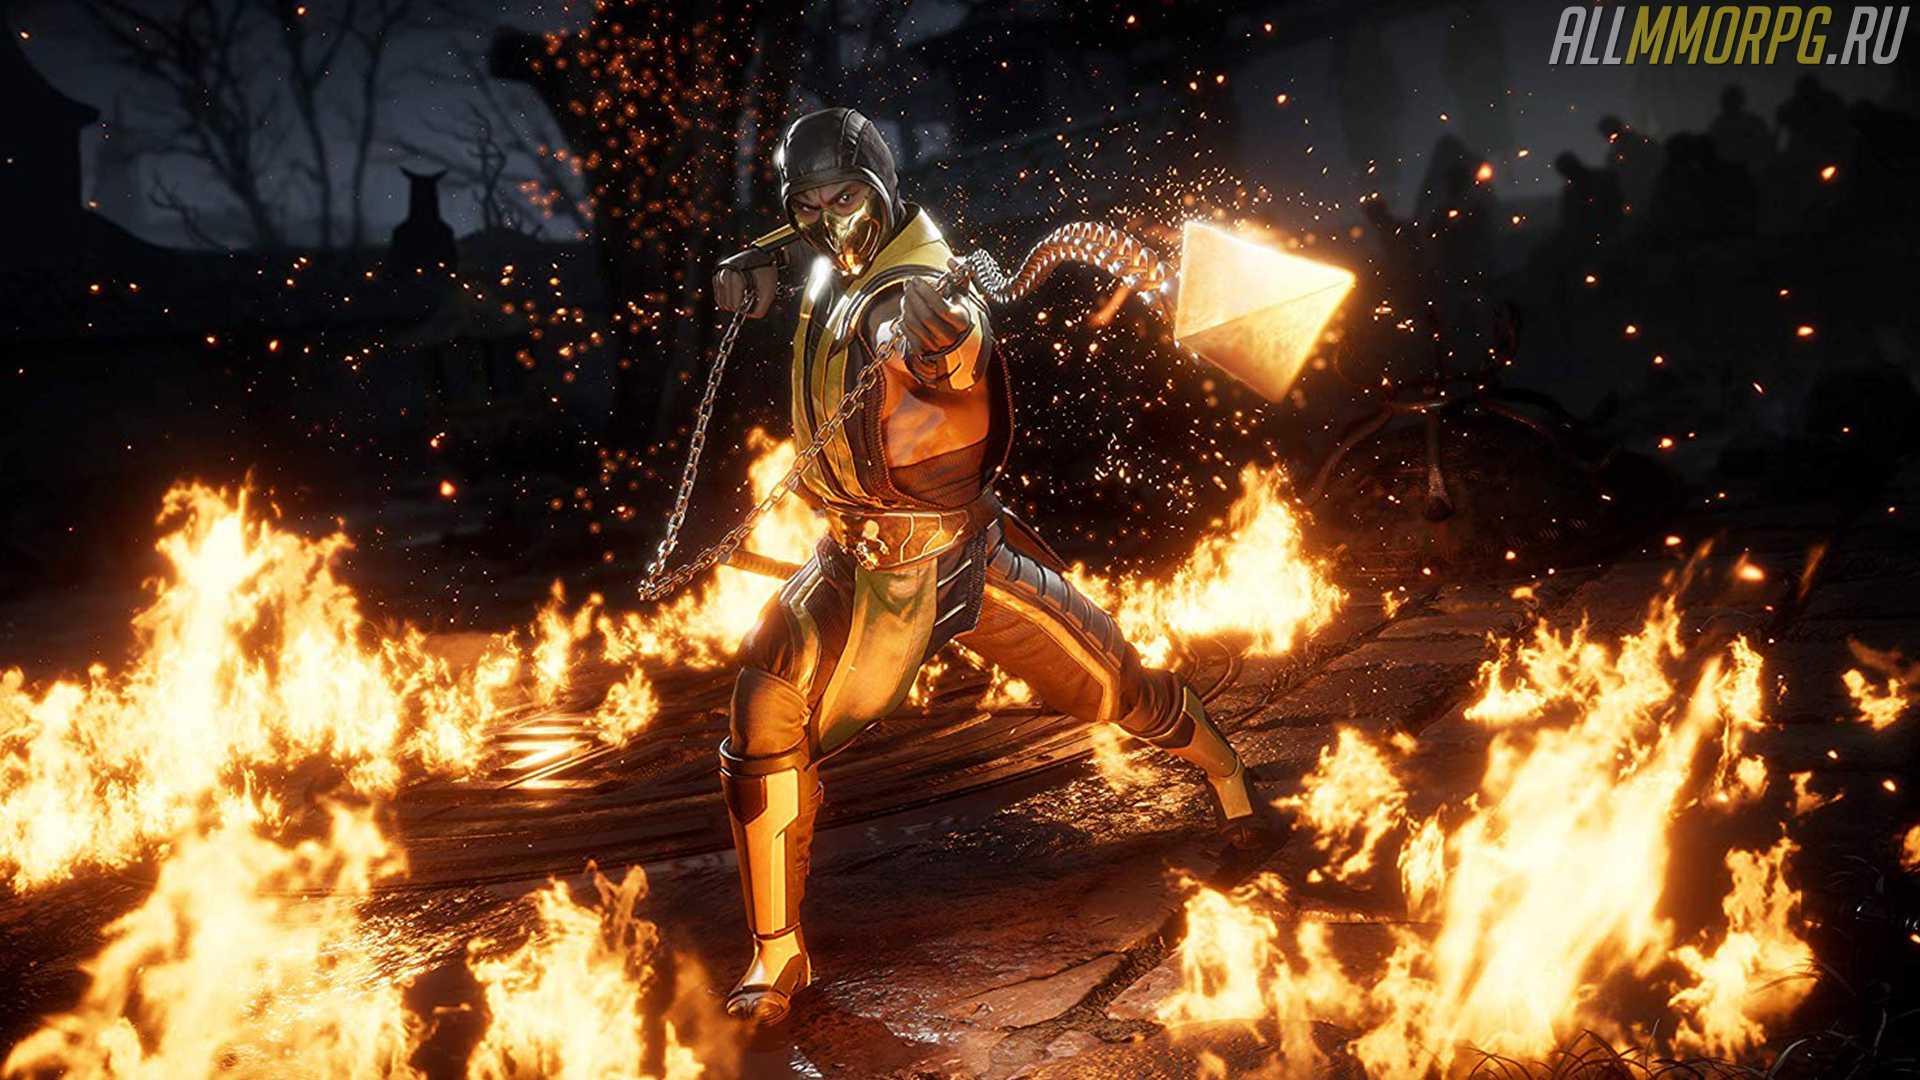 Mortal Kombat 11 — читы и секреты